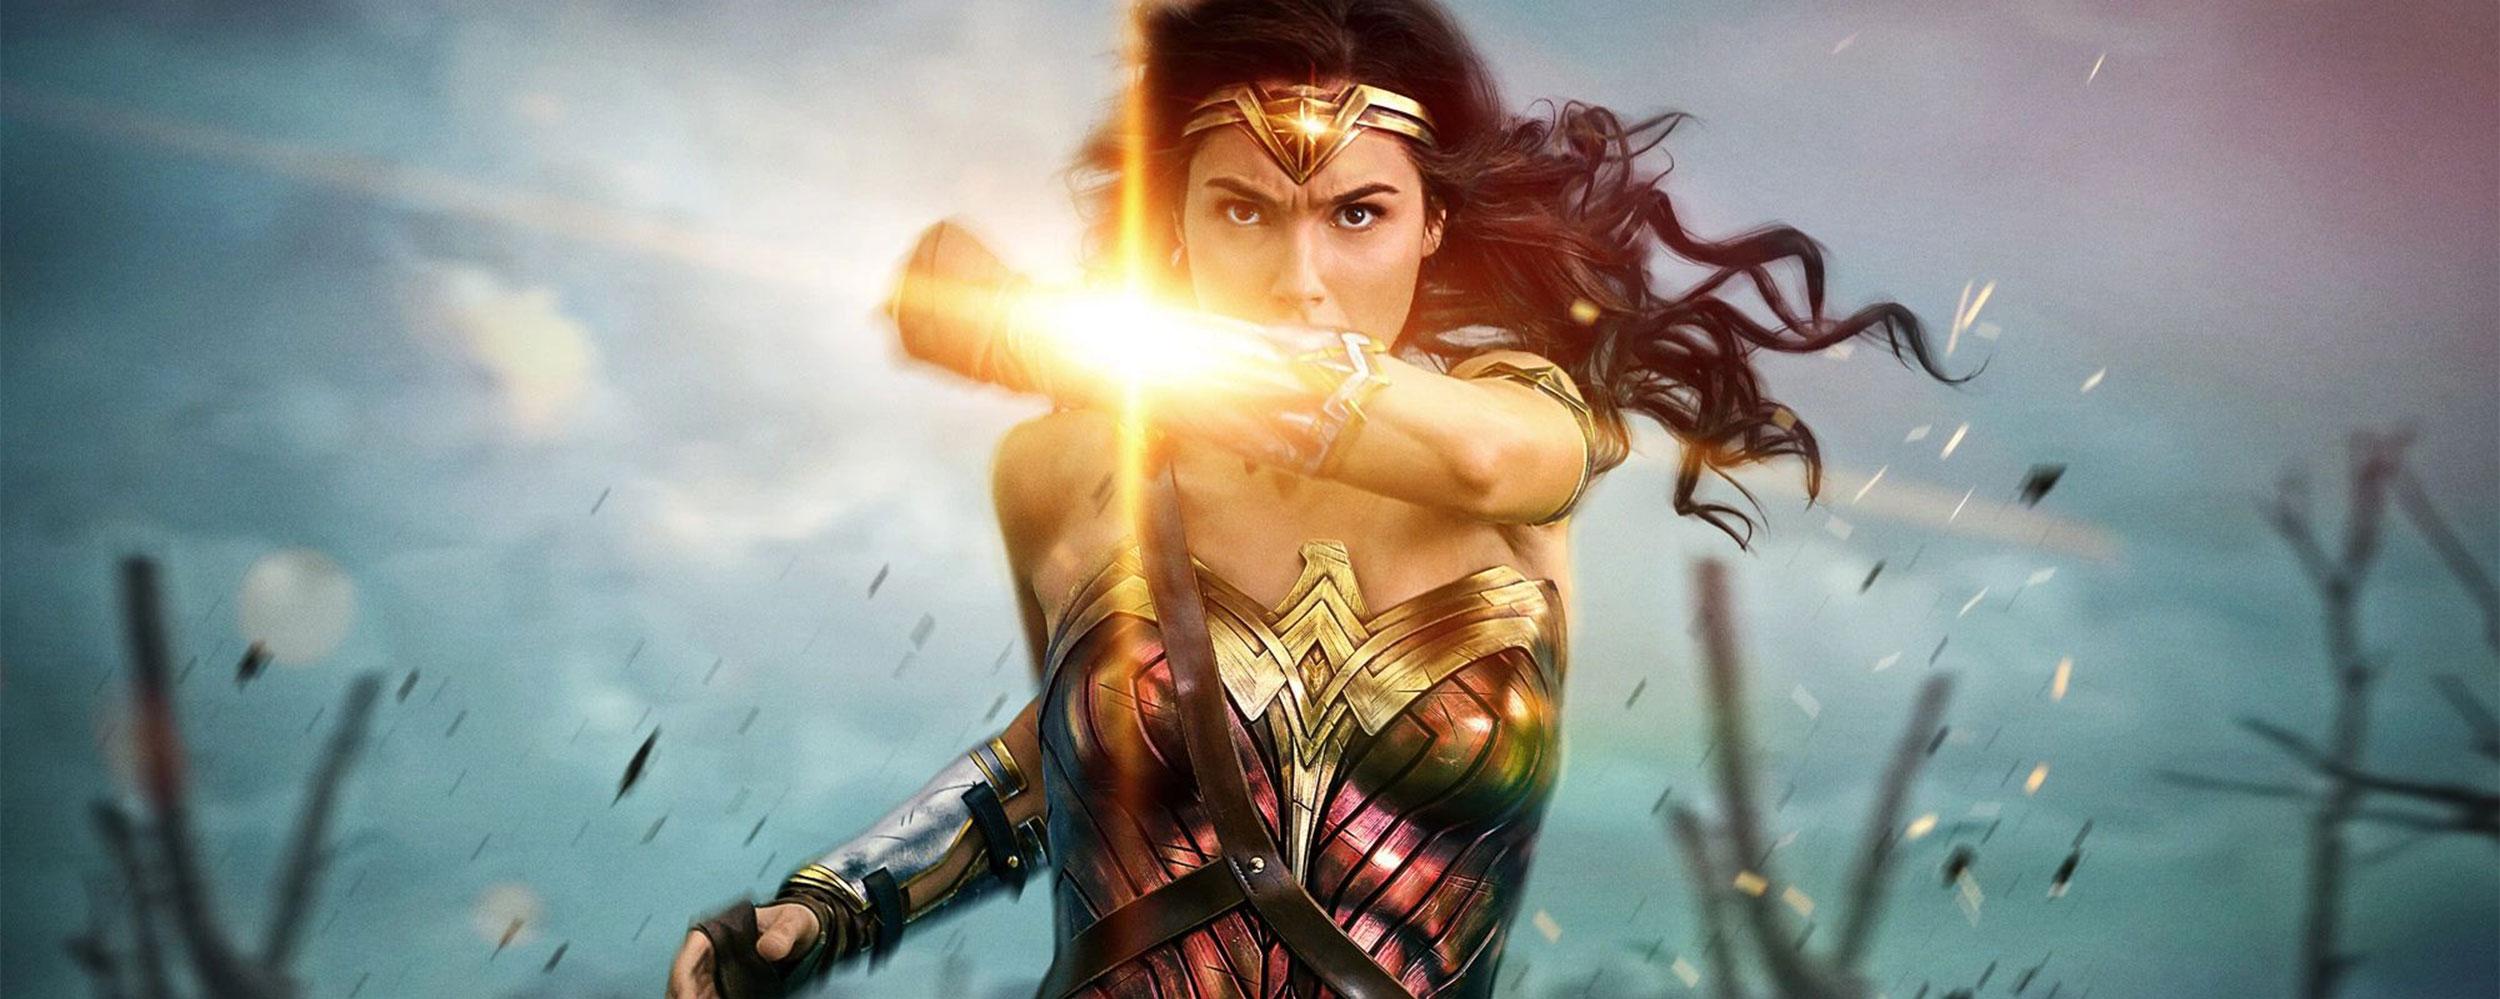 10 Πράγματα που δε γνωρίζεις για τη Wonder Woman.